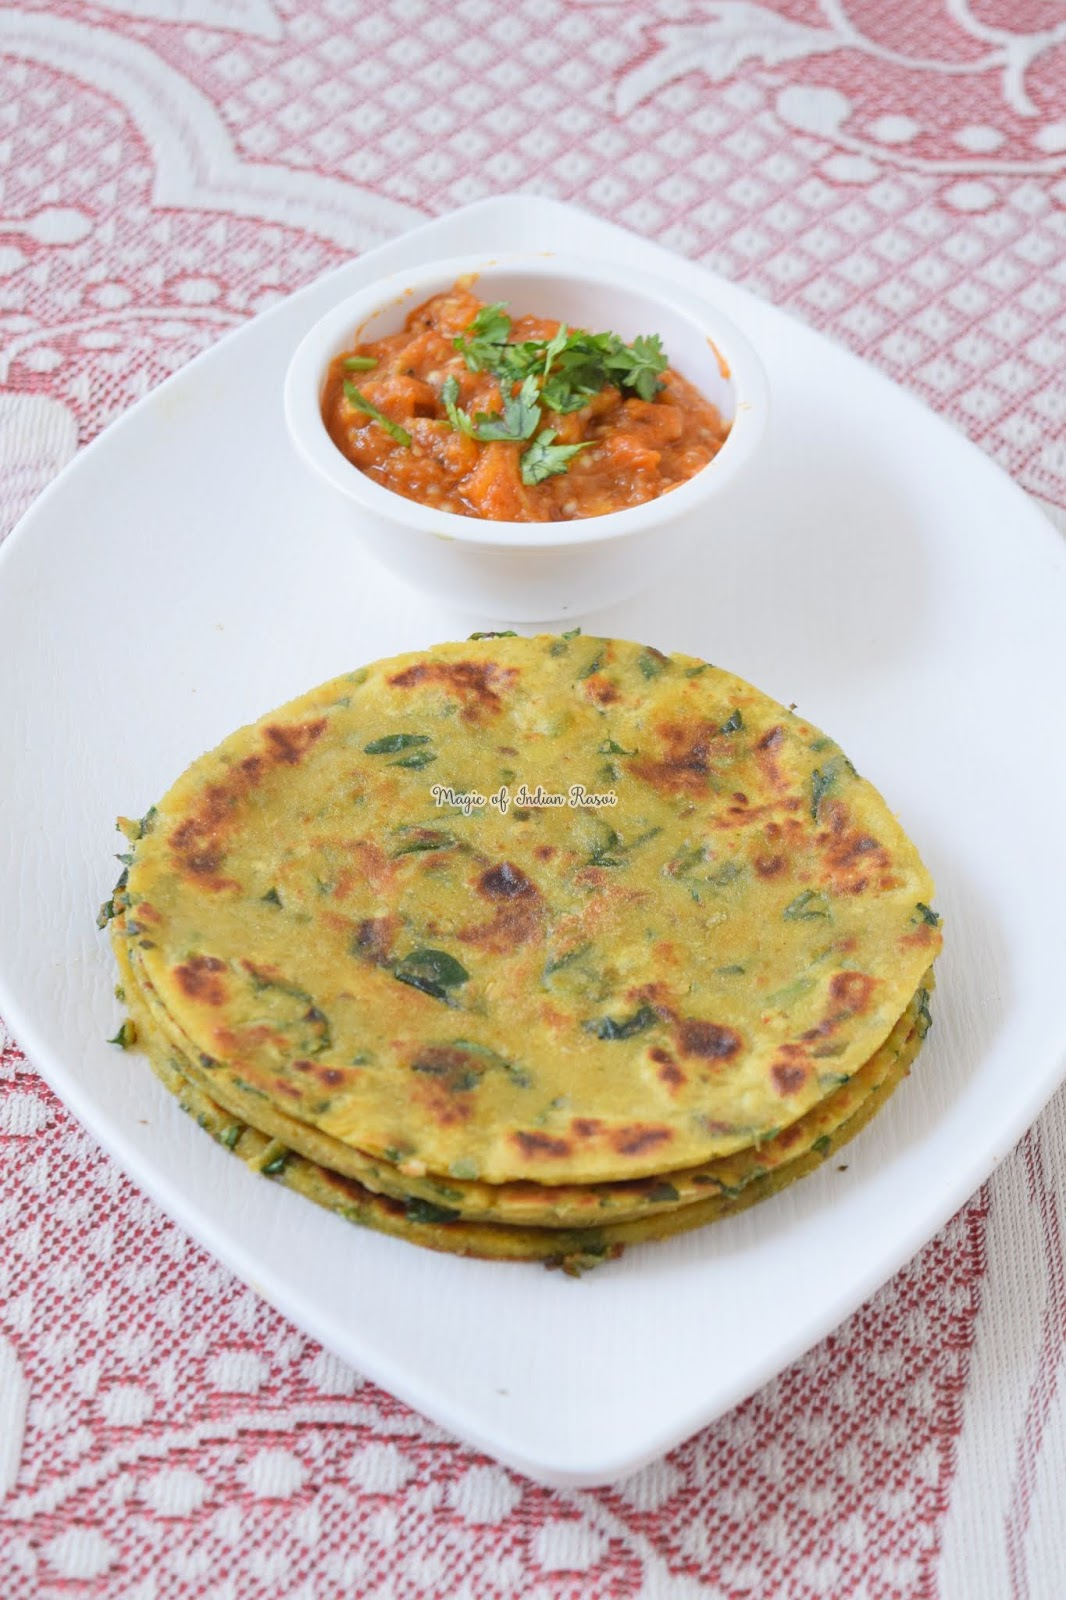 Jowar Aloo Methi Paratha Recipe - सर्दियों के लिए जोवर आलू मेथी पराठा  - Priya R - Magic of Indian Rasoi